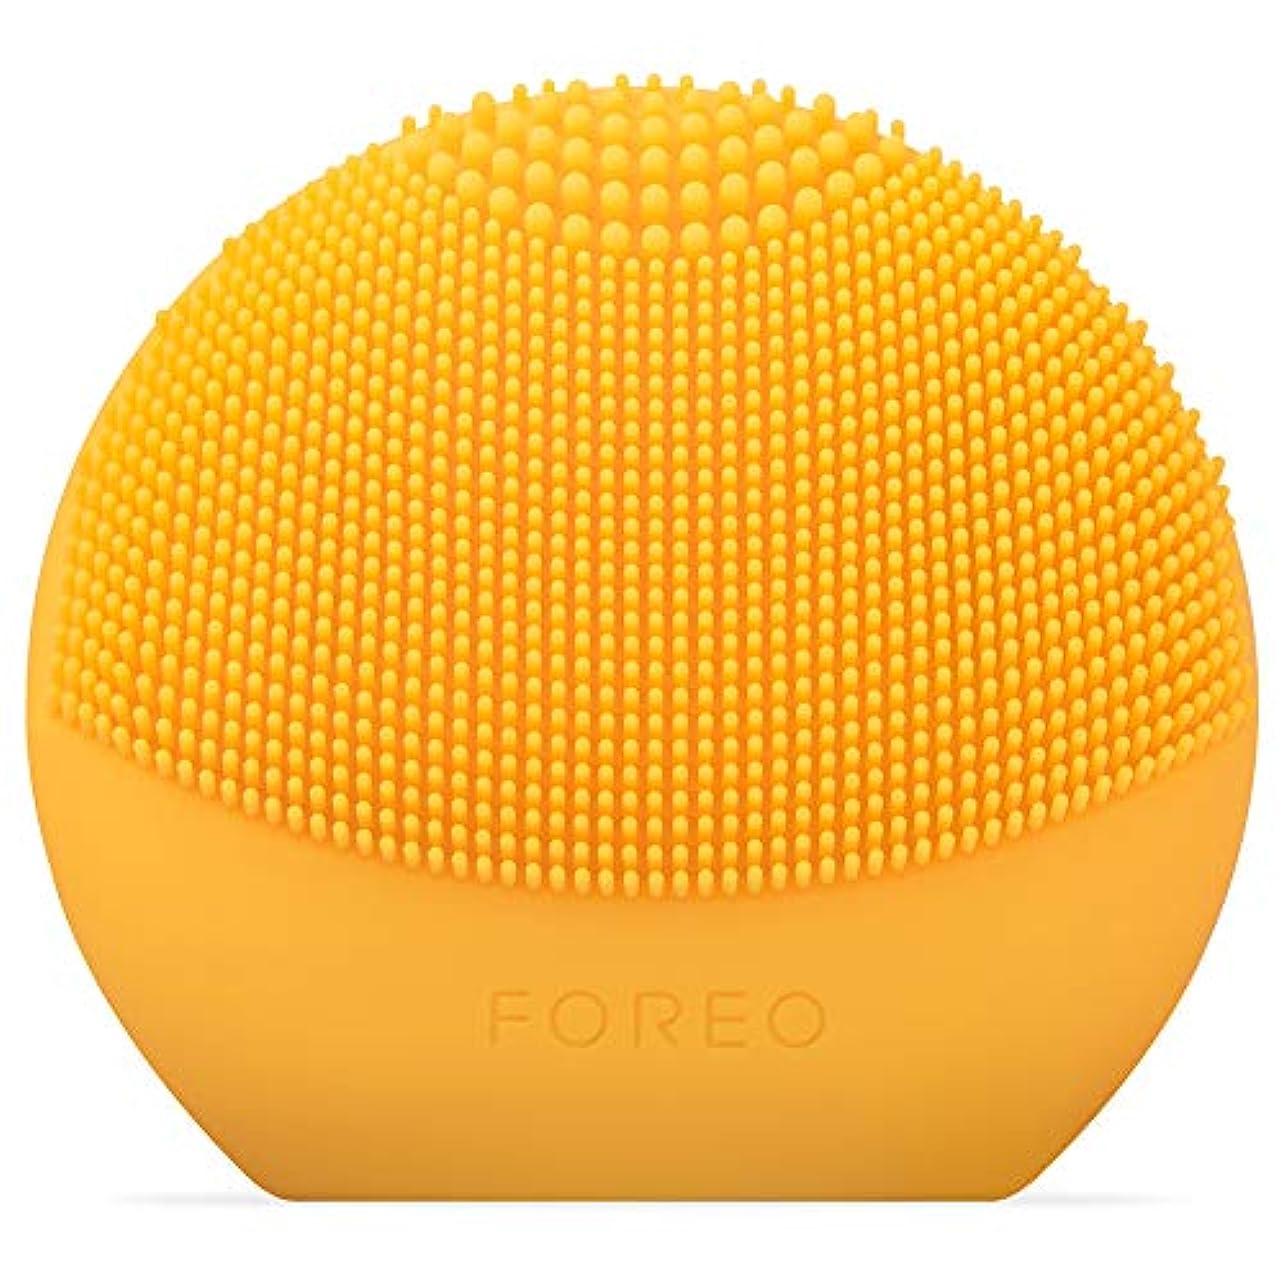 かなりの指定ほこりFOREO LUNA fofo サンフラワーイエロー スマートクレンジングデバイス 電動洗顔ブラシ シリコーン製